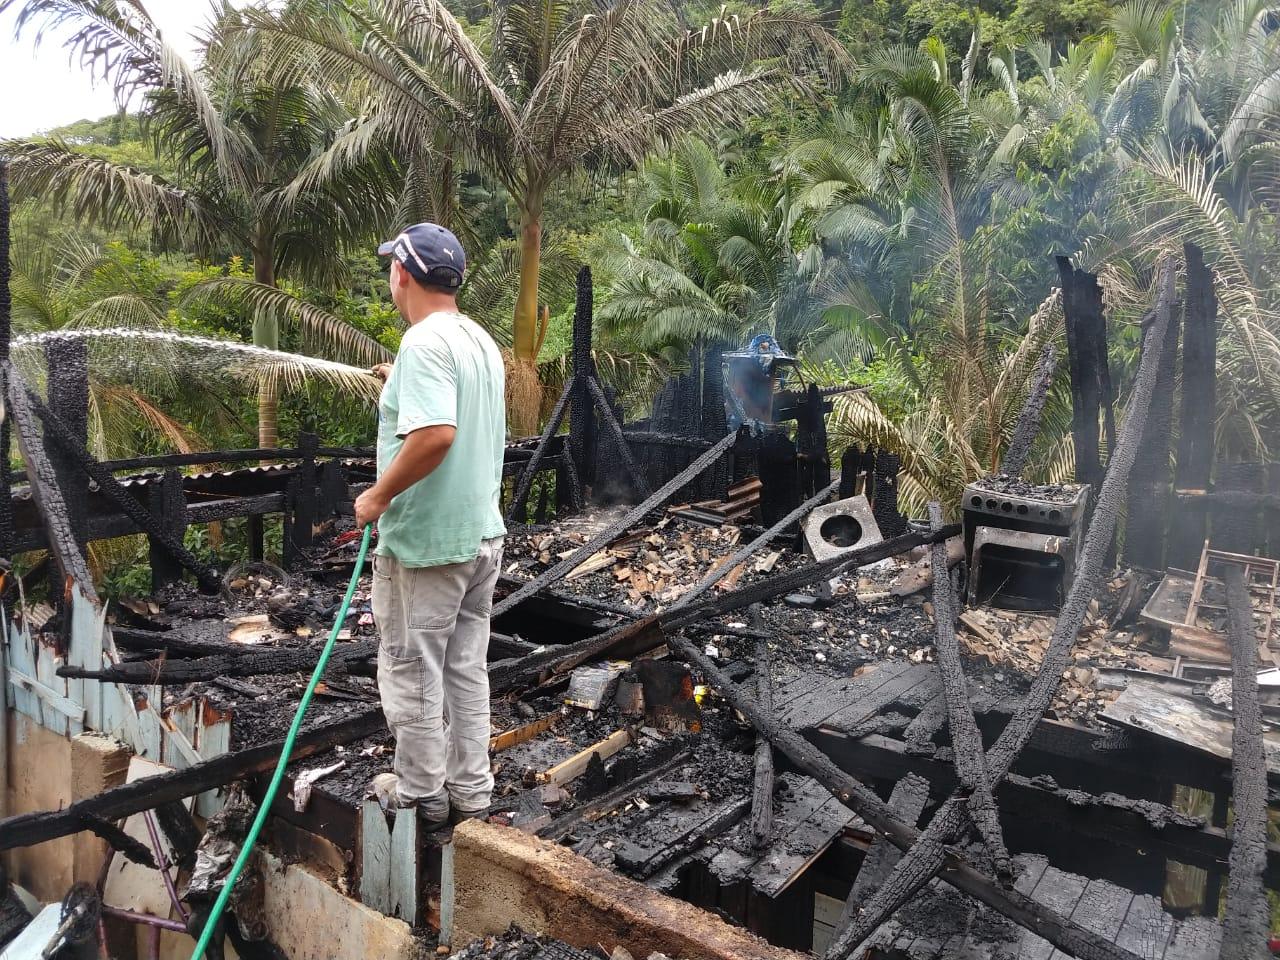 Genoir perdeu tudo durante o incêndio | Foto: Fábio Junkes/OCP News